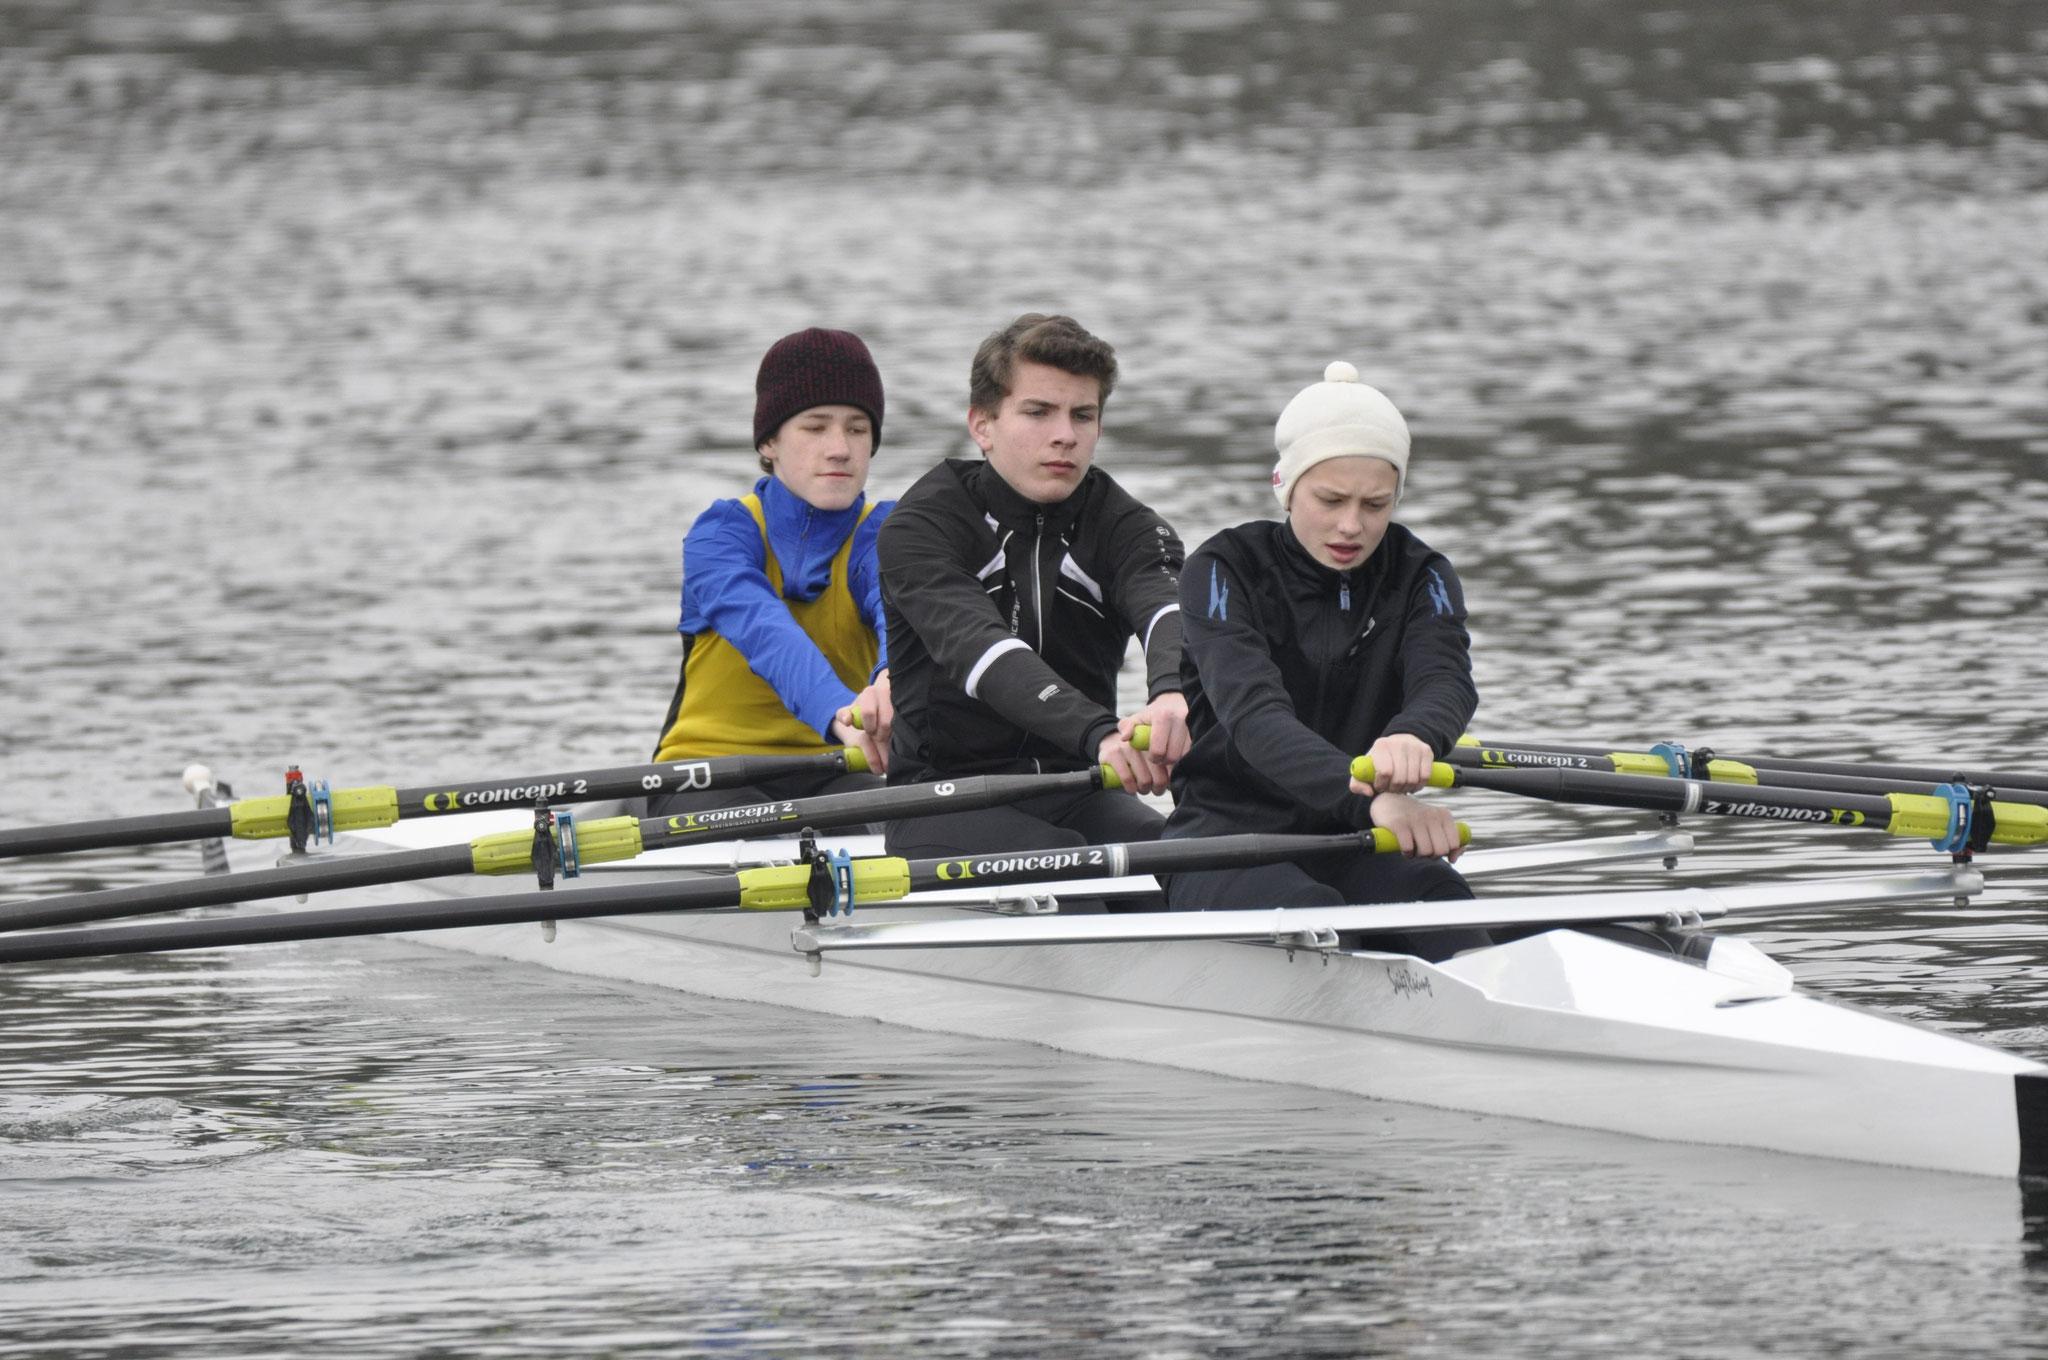 Mannschaftsbildung mit Aktiven des Lauinger SRC, l, Mitte S. Huber, r J. Herpich